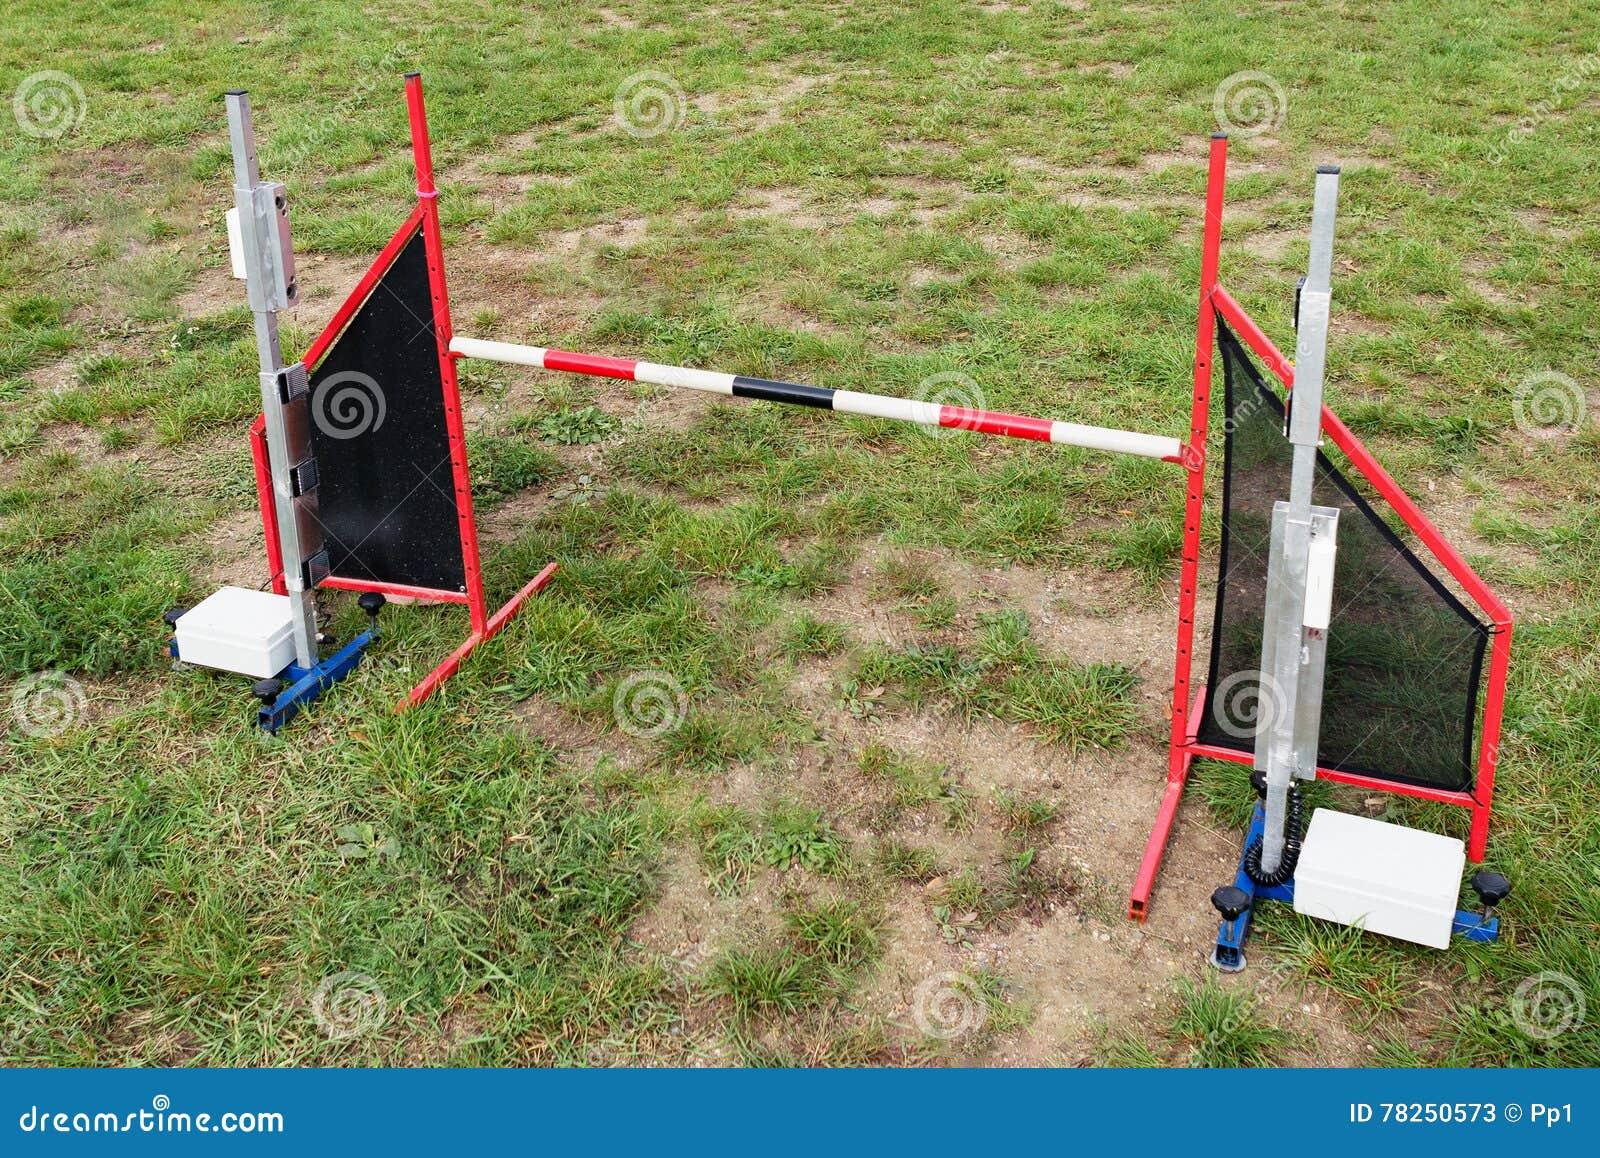 Αθλητικός ανταγωνισμός αγώνων κατοικίδιων ζώων εμποδίων άλματος ευκινησίας ενιαίος κανένας